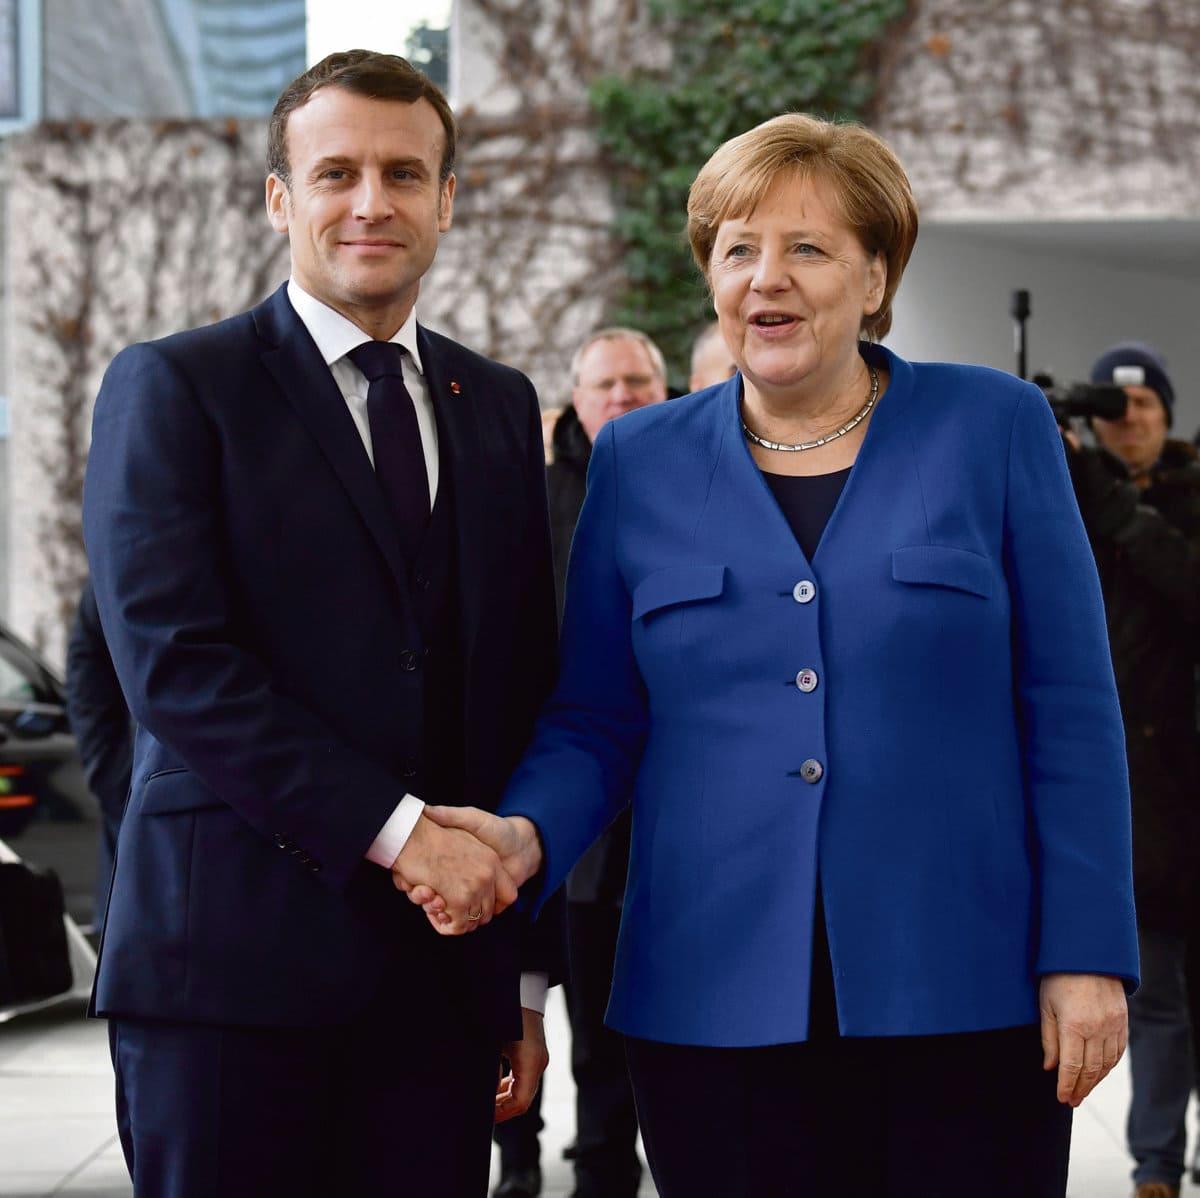 14 февраля 2020 года в административном центре Баварии состоялось открытие 56-ой международной конференции по безопасности. Здесь собрались политические лидеры и дипломаты со всего мира. Главный вопрос повестки дня: распад западного блока.